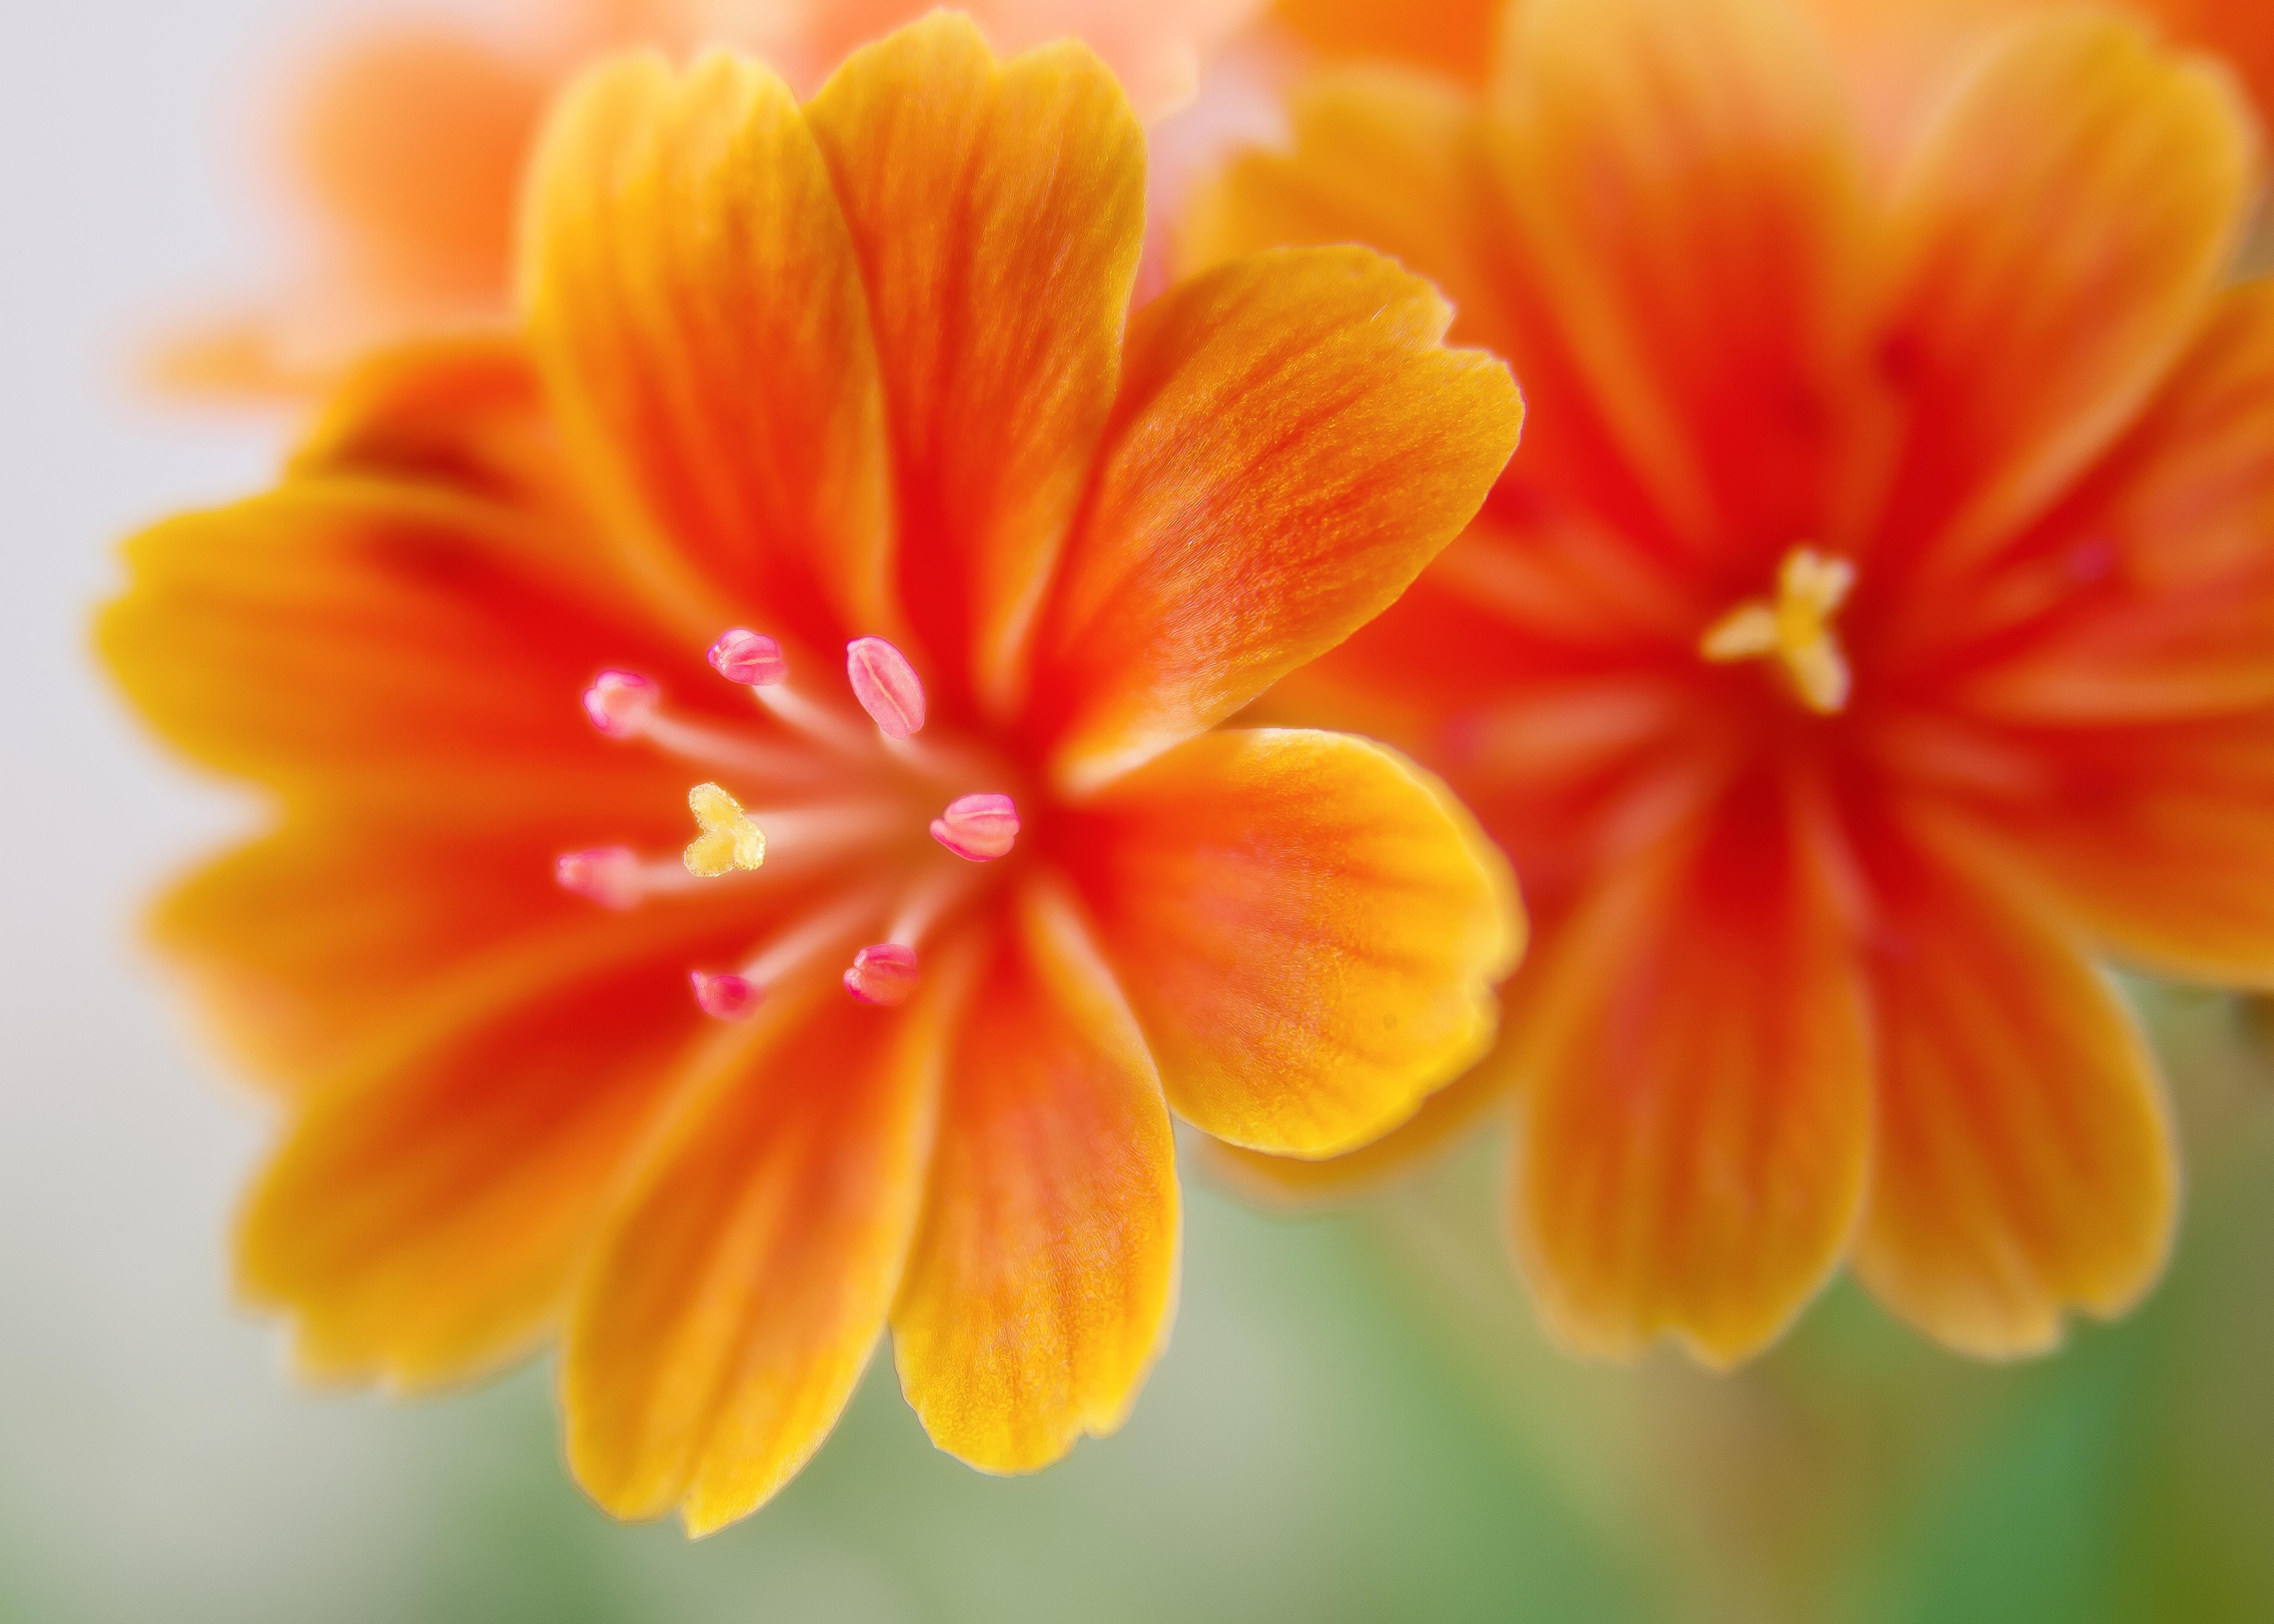 Free Images Blossom Flower Petal Bloom Spring Flora Close Up